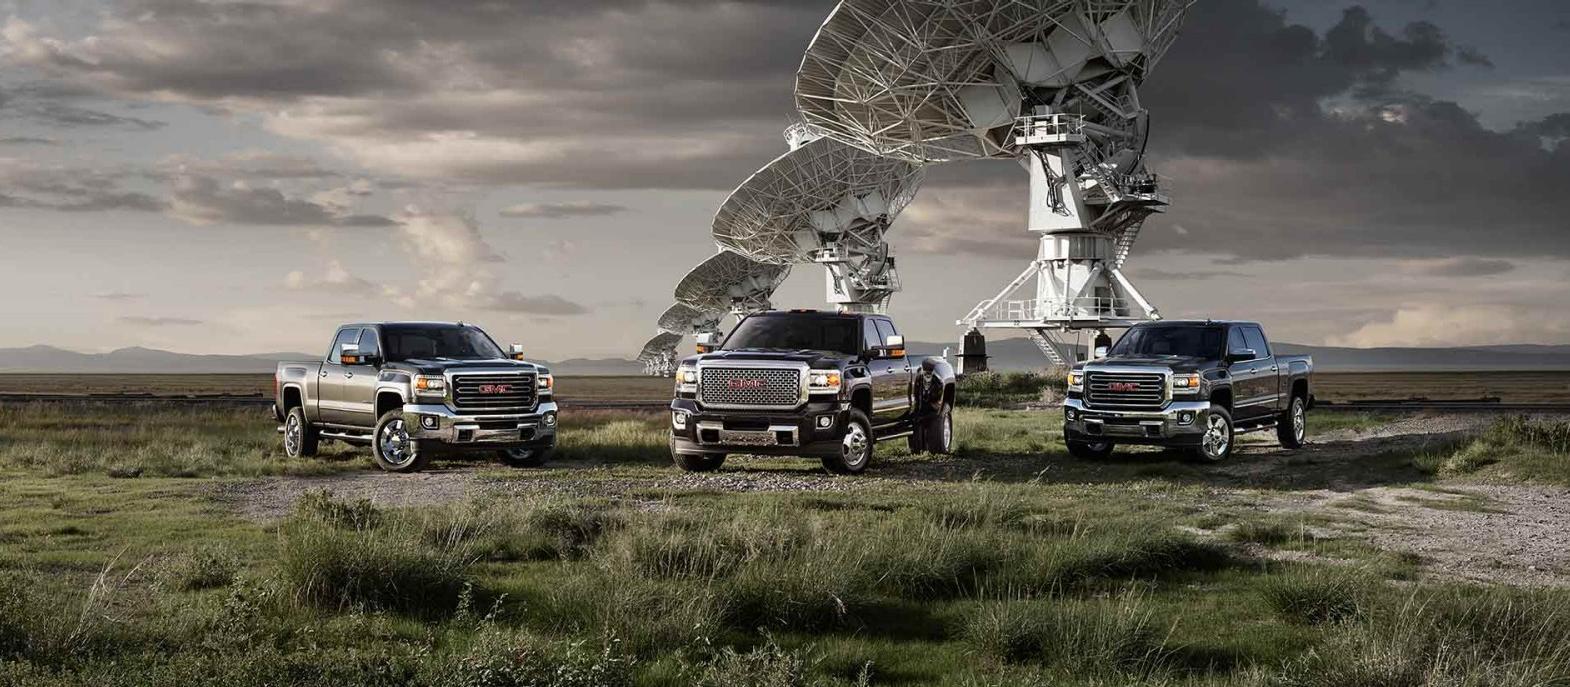 GMC Sierra Trucks for Sale